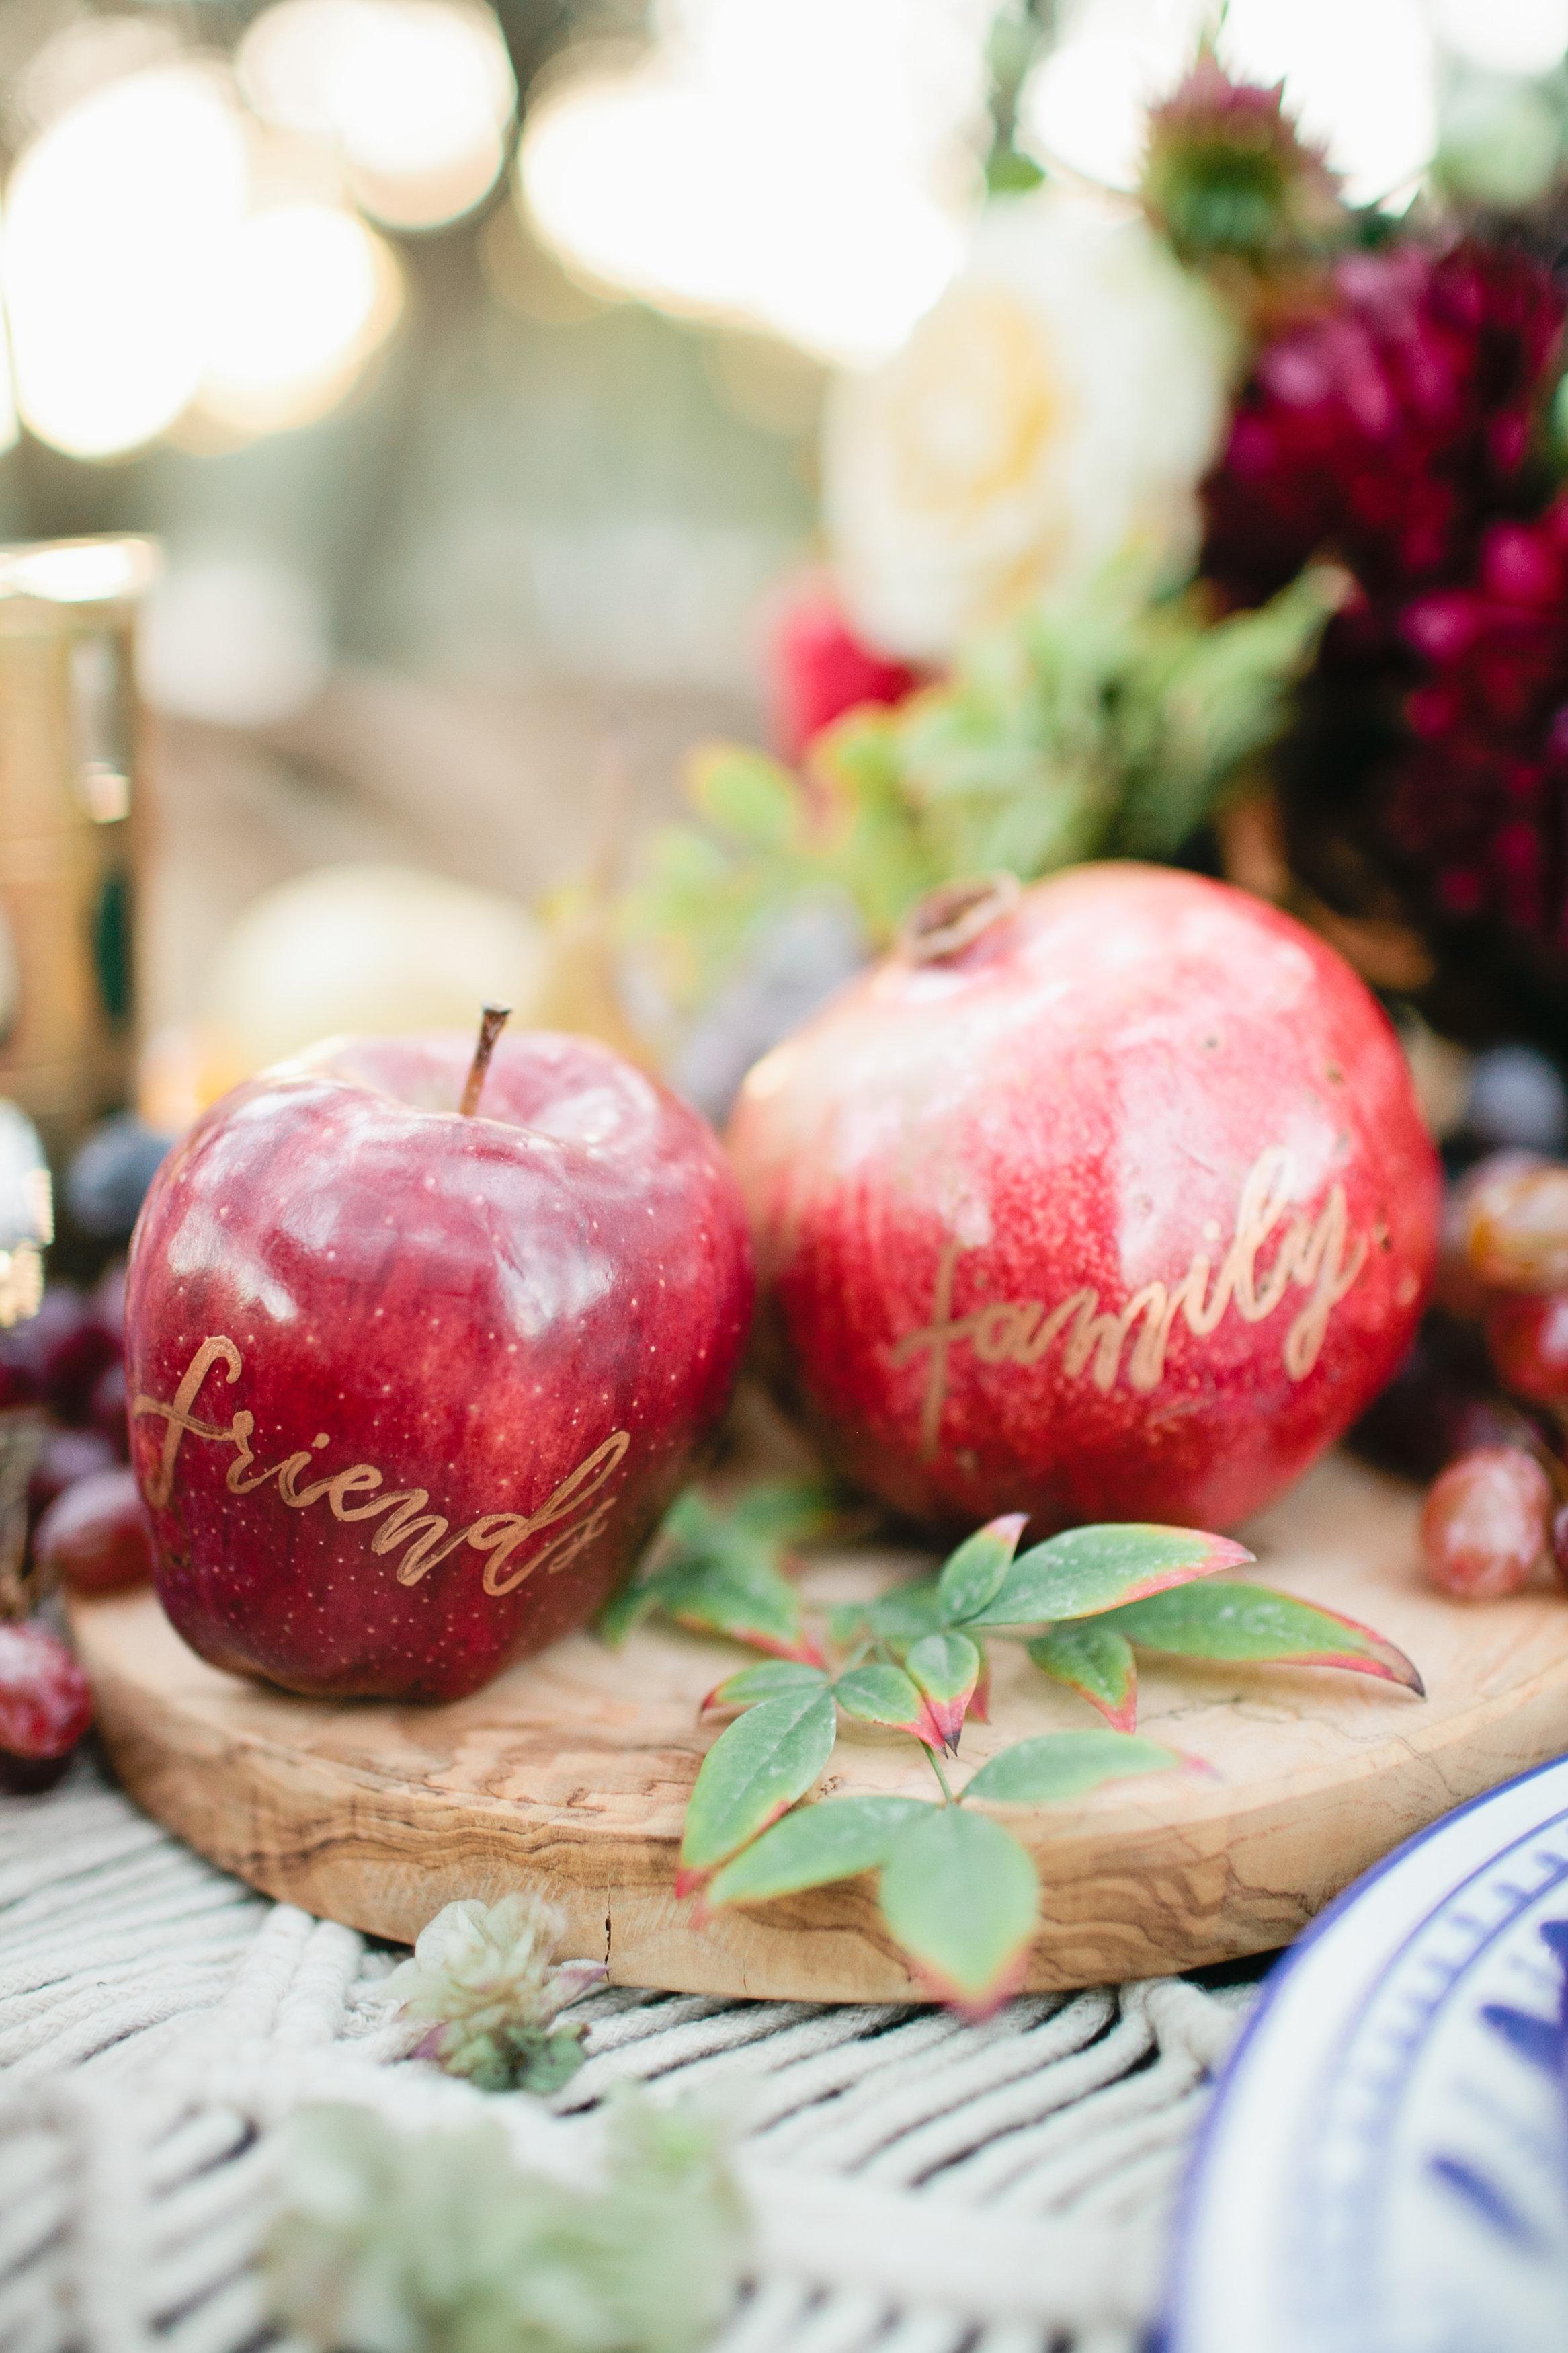 Thanksgiving inspired fruit display